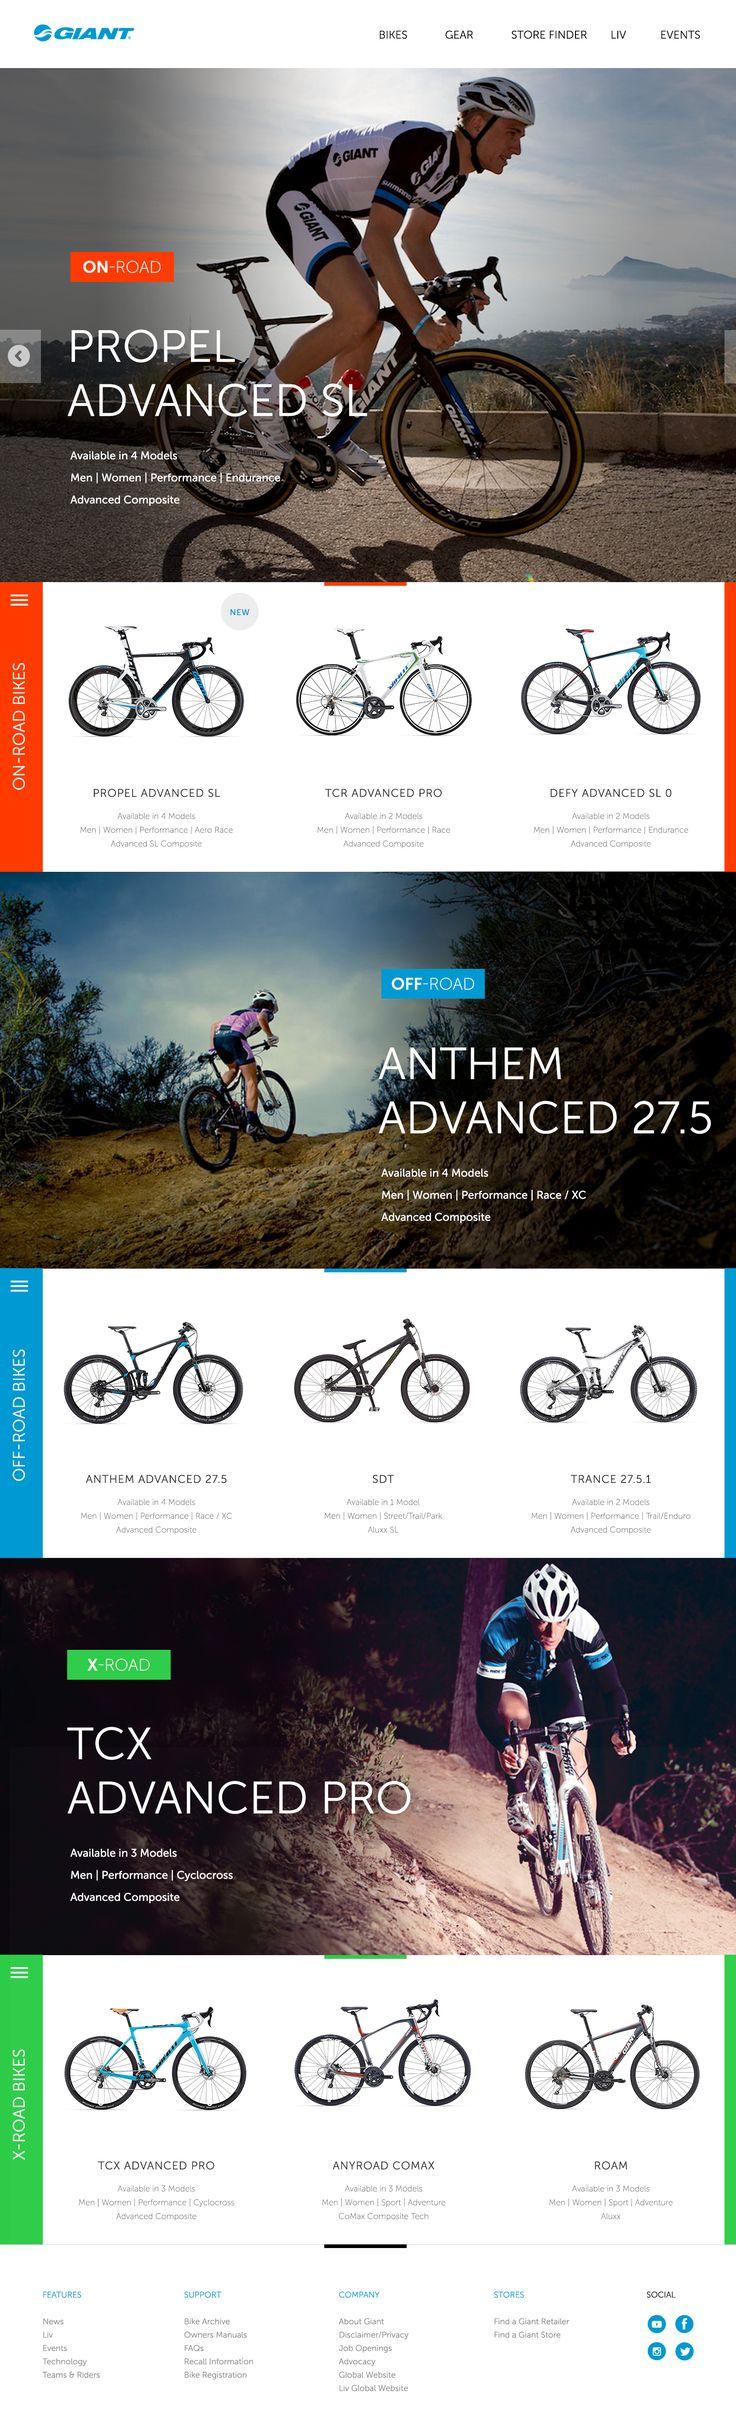 77 best Landing Page Design images on Pinterest | Design web, Web ...